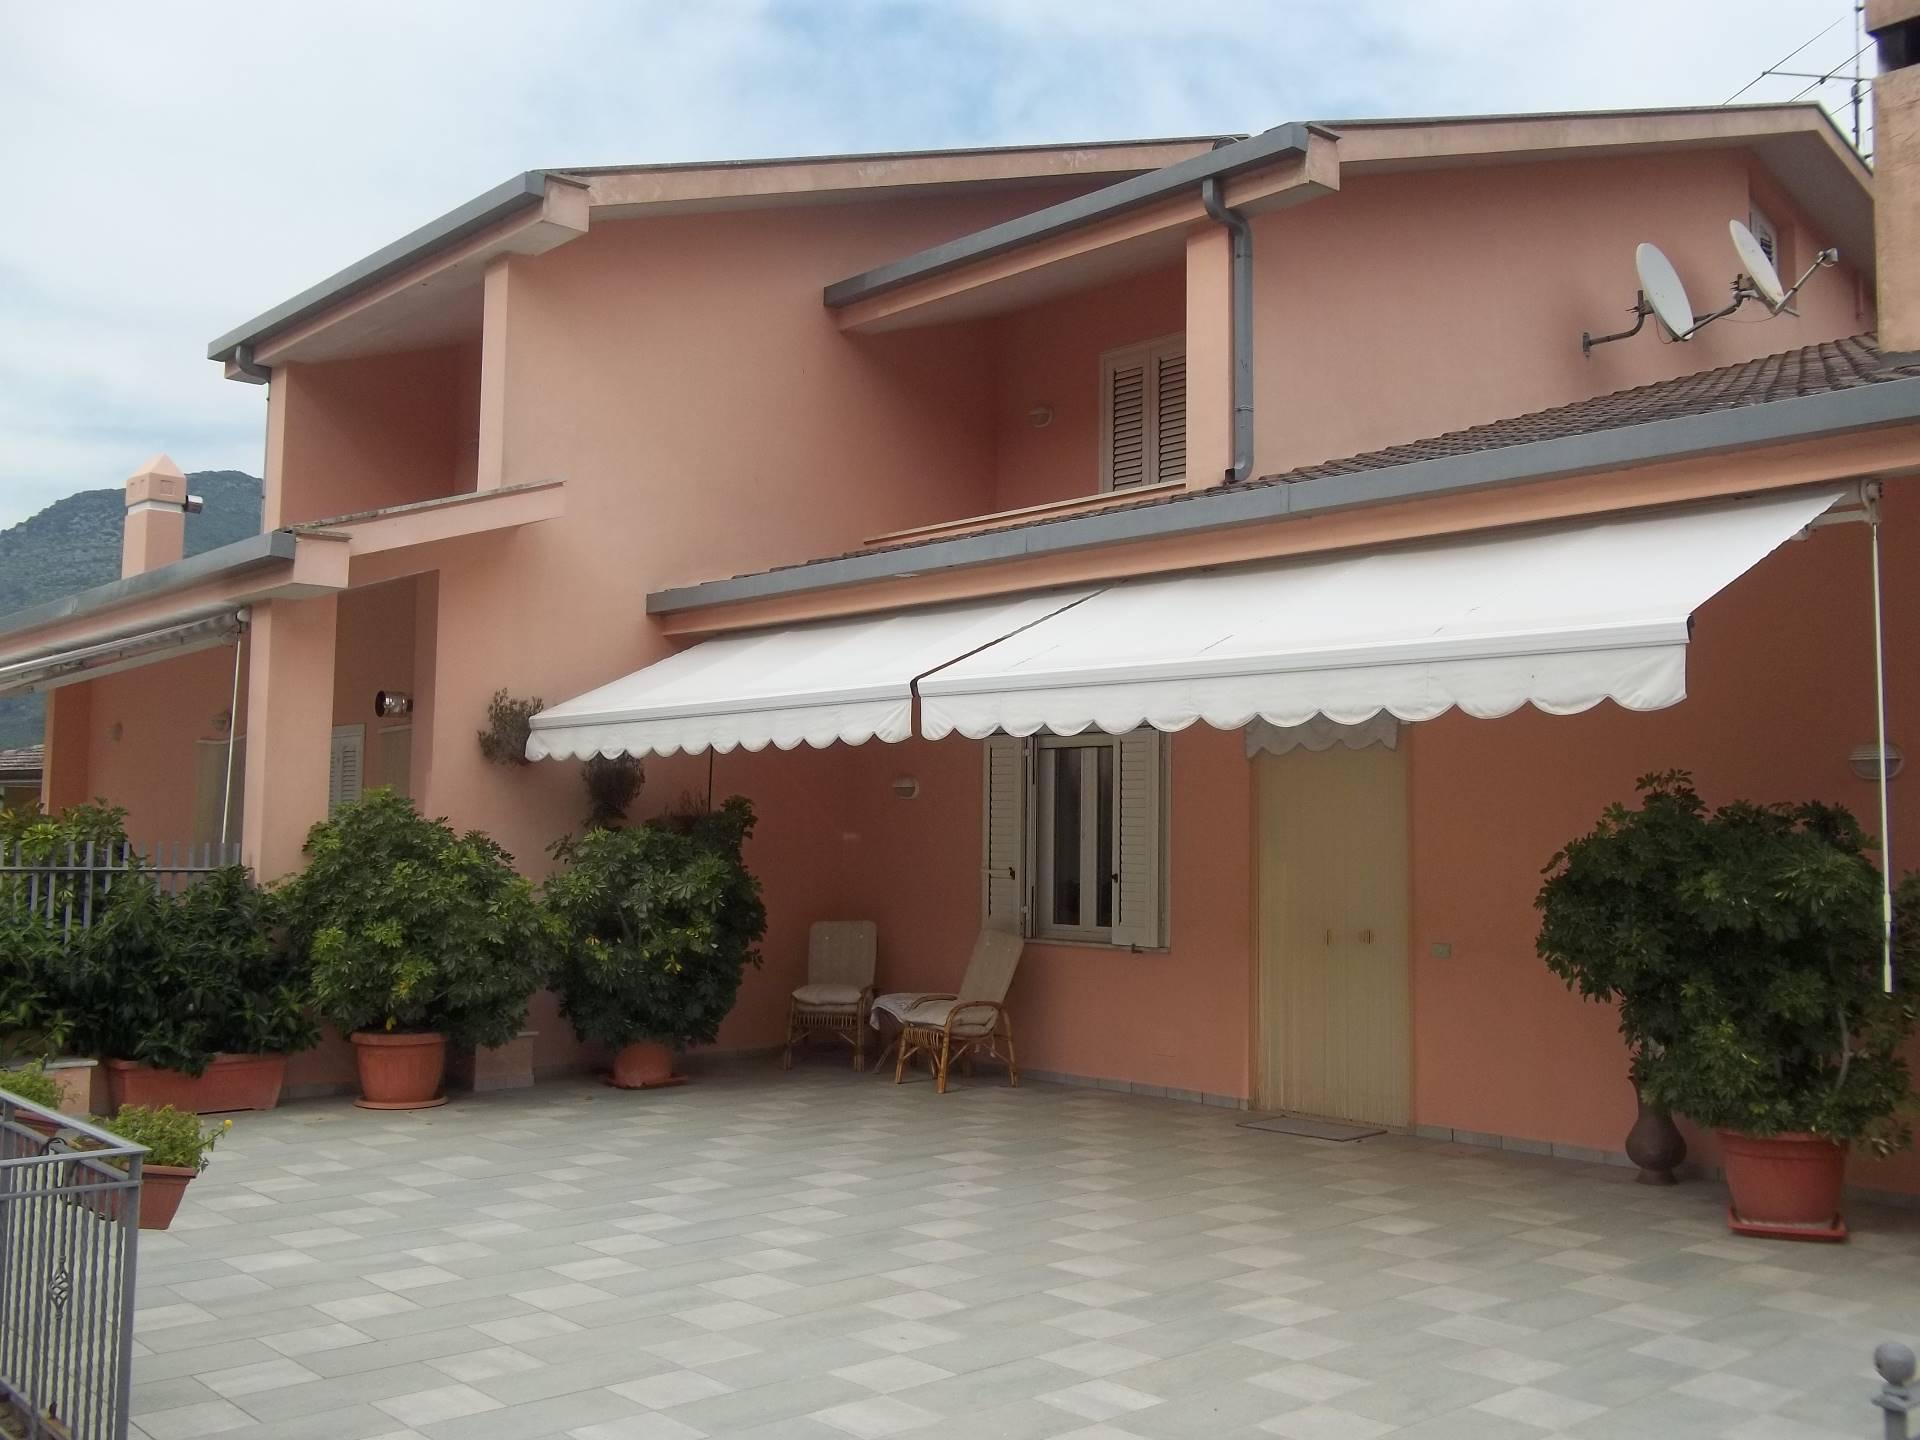 Soluzione Indipendente in vendita a Monte San Biagio, 8 locali, zona Zona: Vallemarina, prezzo € 310.000   CambioCasa.it